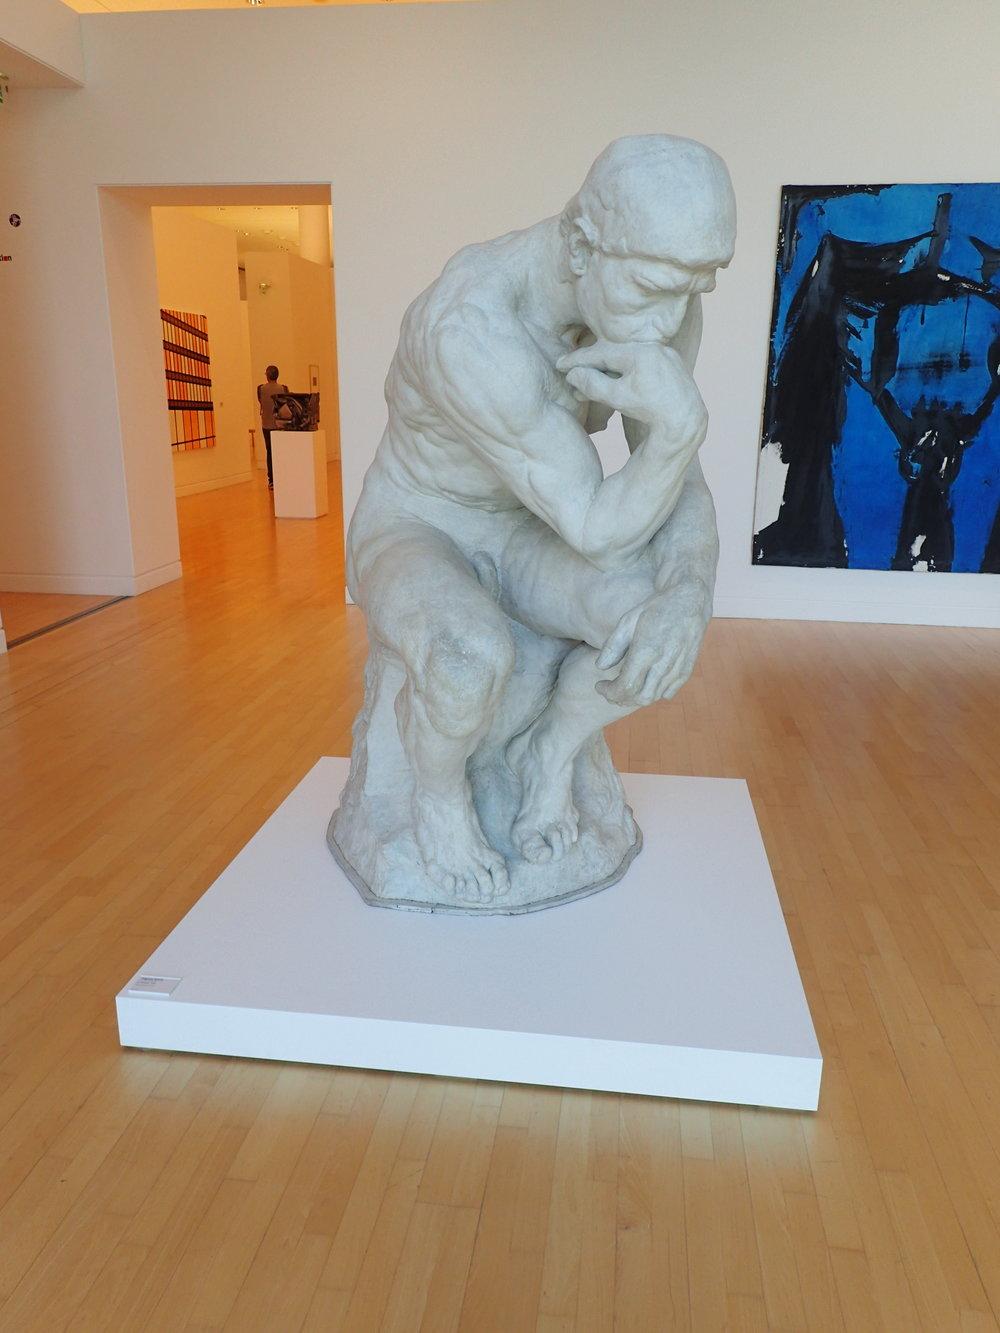 Le Pensaur by Auguste Rodin (1904) in Le Musée d'Art moderne et contemporain de Strasbourg (MAMCS)